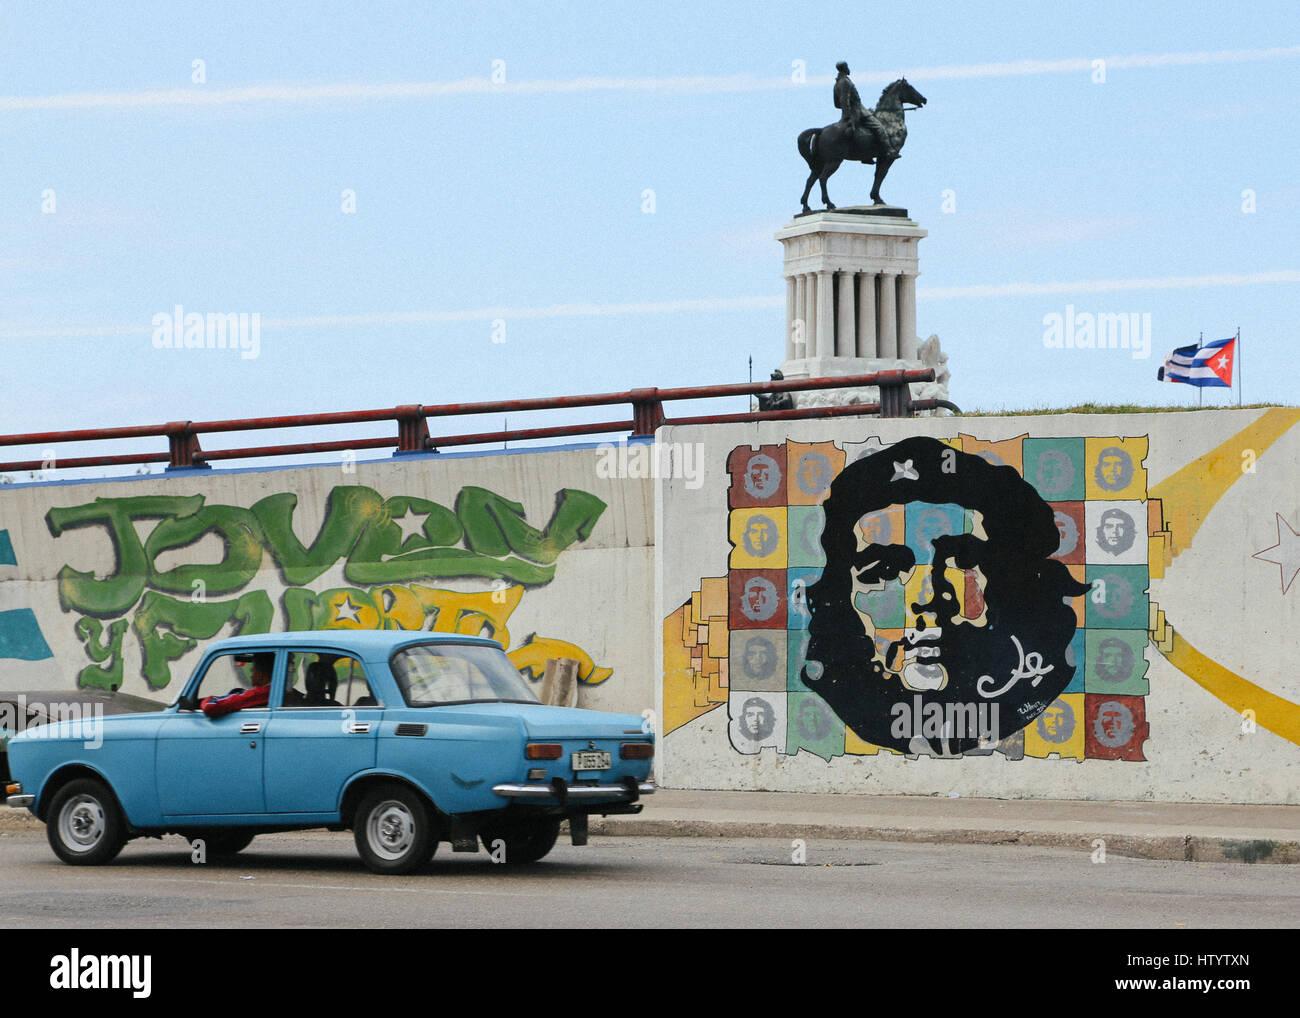 Une vieille voiture Lada bleu vu sur la route par le monument Maximo Gomez et street art représentant Che Guevara à la Havane, Cuba Banque D'Images